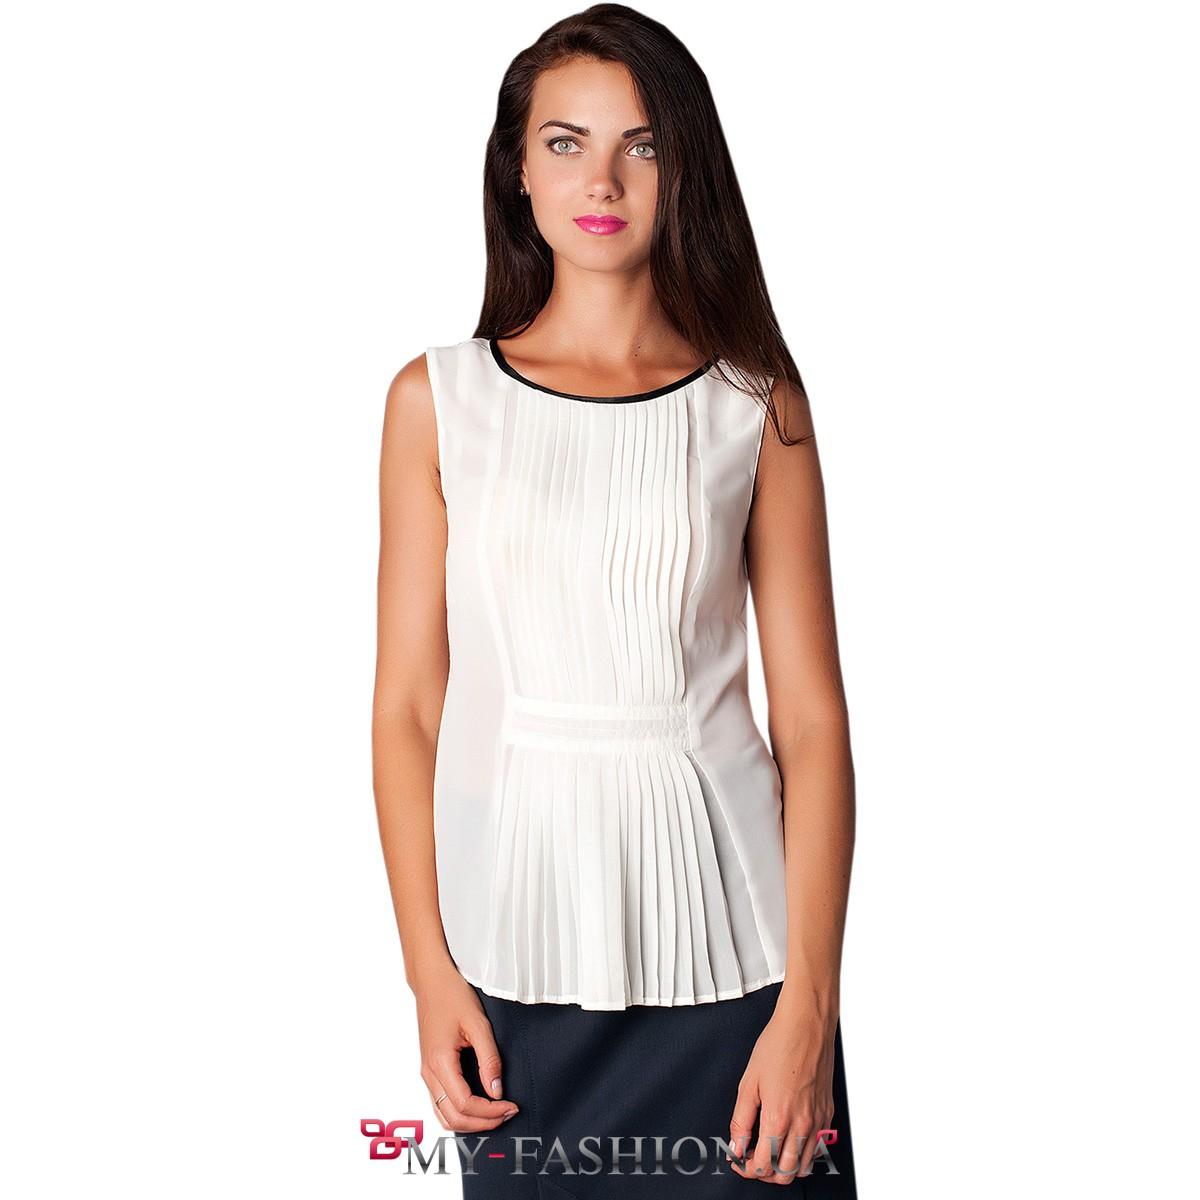 купить одежду для женщин дешево с доставкой